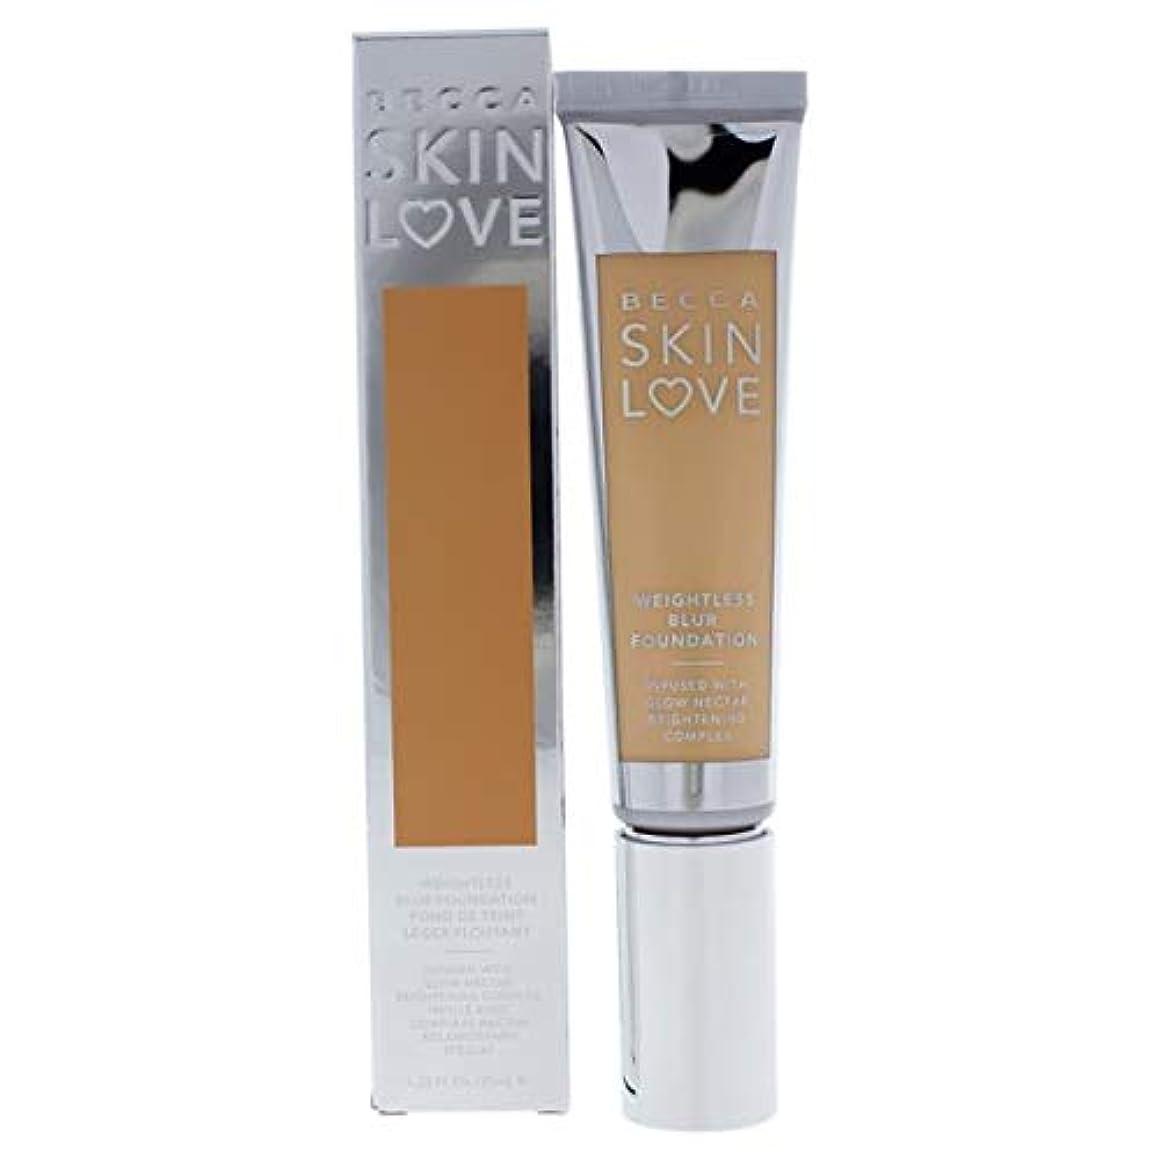 洗剤気分戦うベッカ Skin Love Weightless Blur Foundation - # Vanilla 35ml/1.23oz並行輸入品